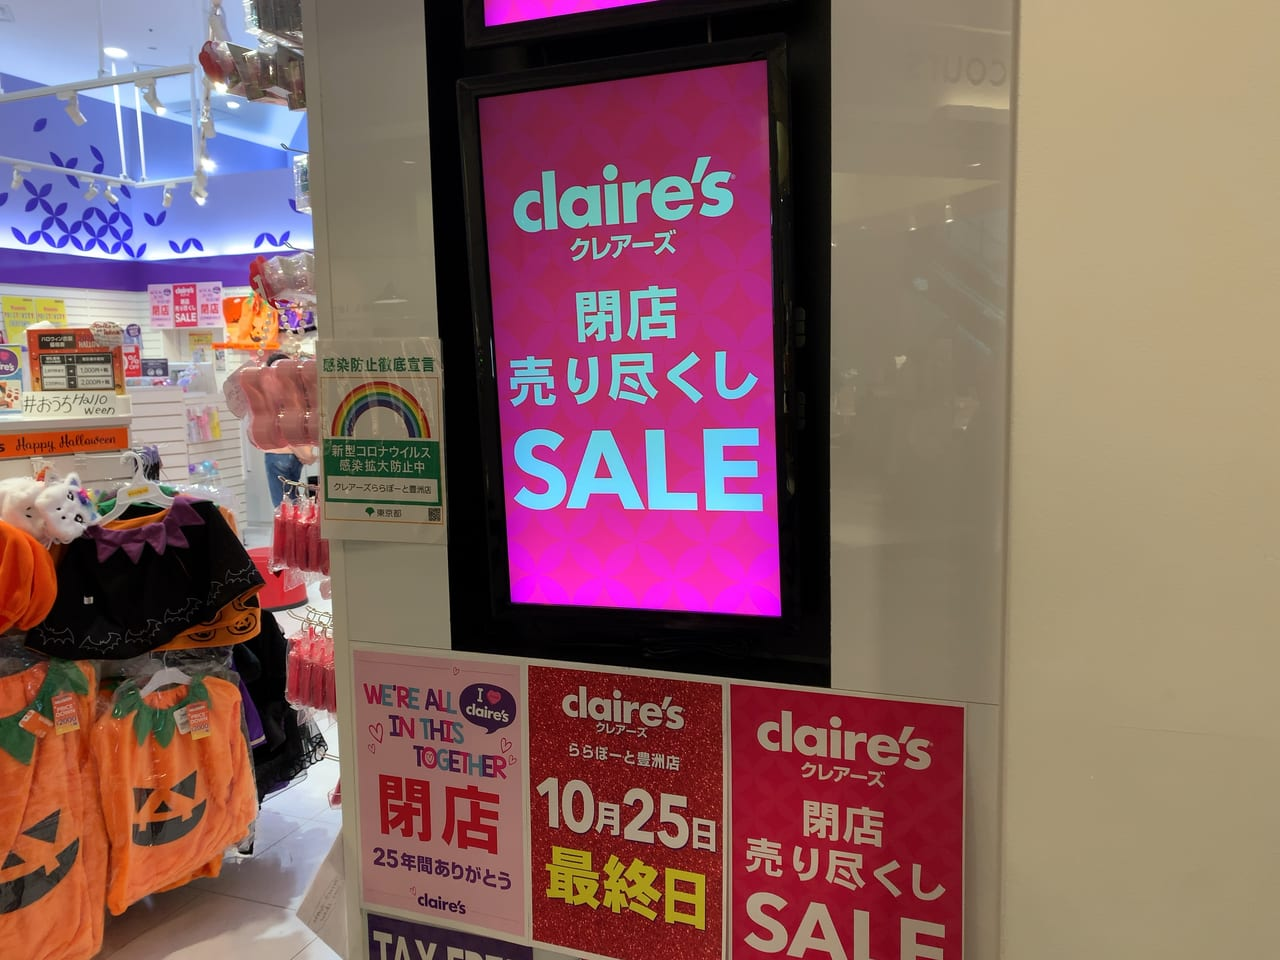 撤退 クレアーズ 日本 「クレアーズ(Claire's)」日本撤退「swimmerも大中もクレアーズも無くなっちゃった」「悲しすぎるし困る」とショックの声 |